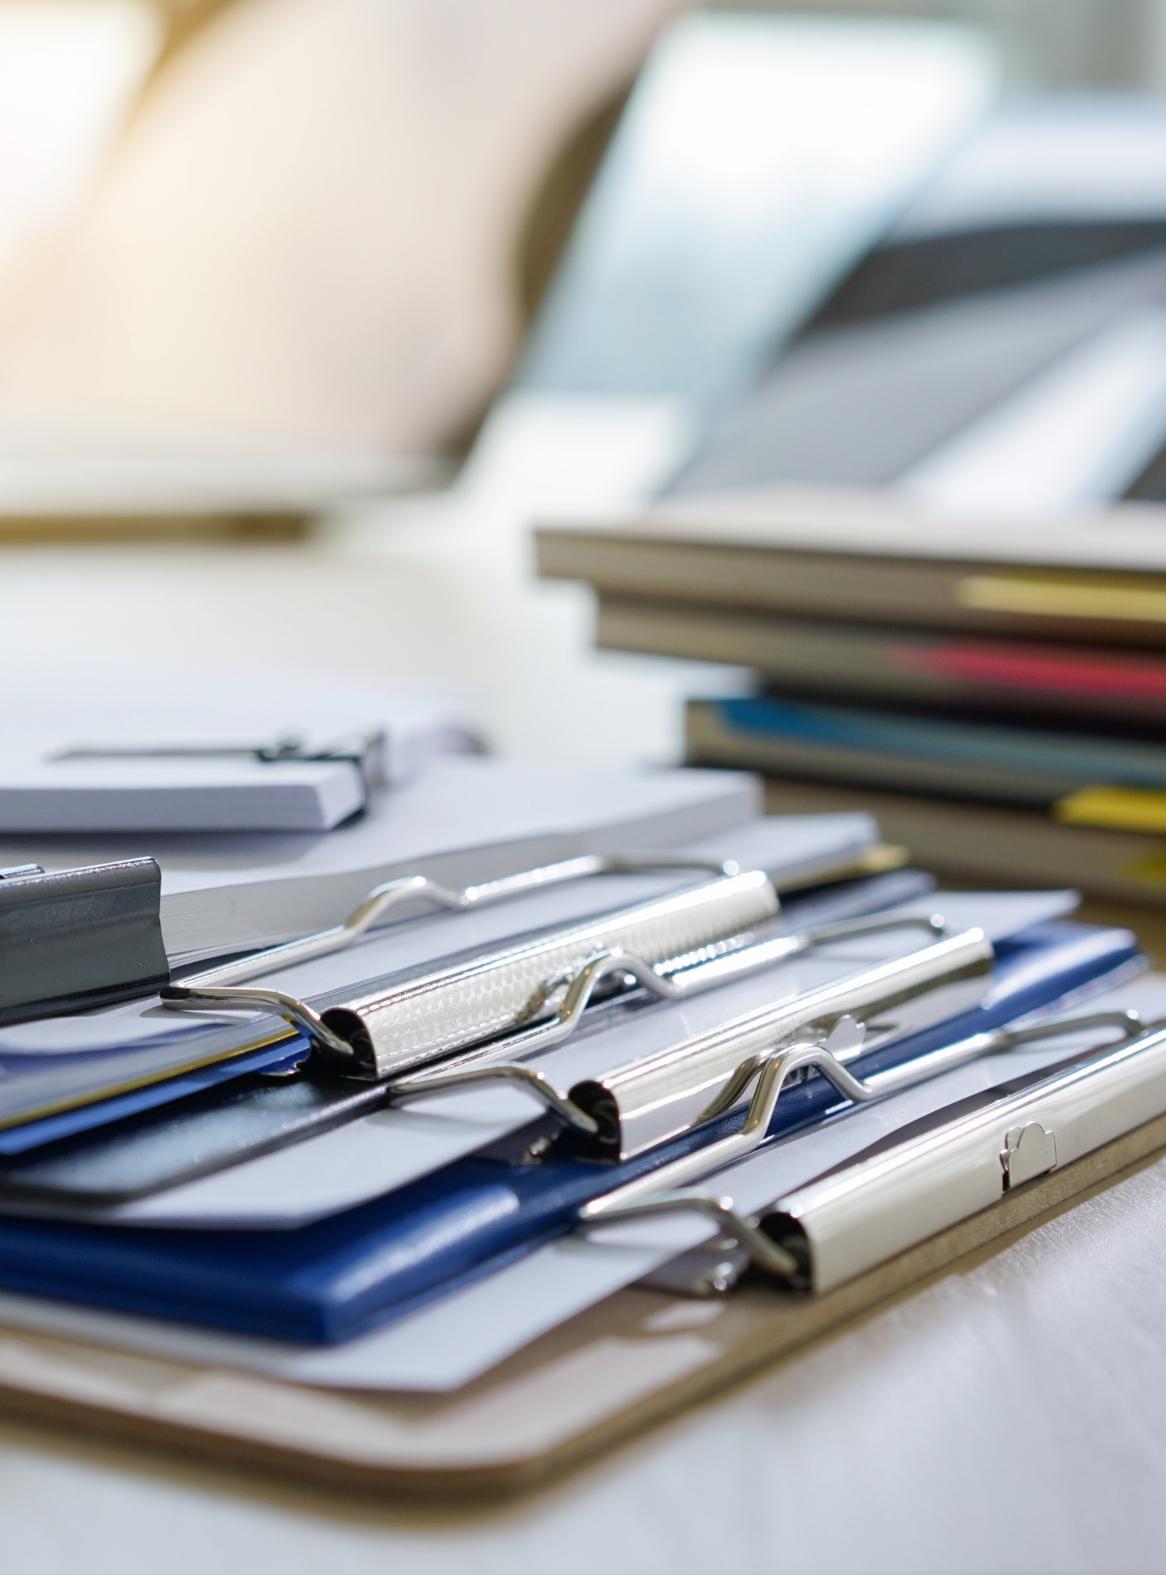 Po szkoleniu zoptymalizujesz swój czas i dochód poprzez profesjonalizację procesu zarządzania: